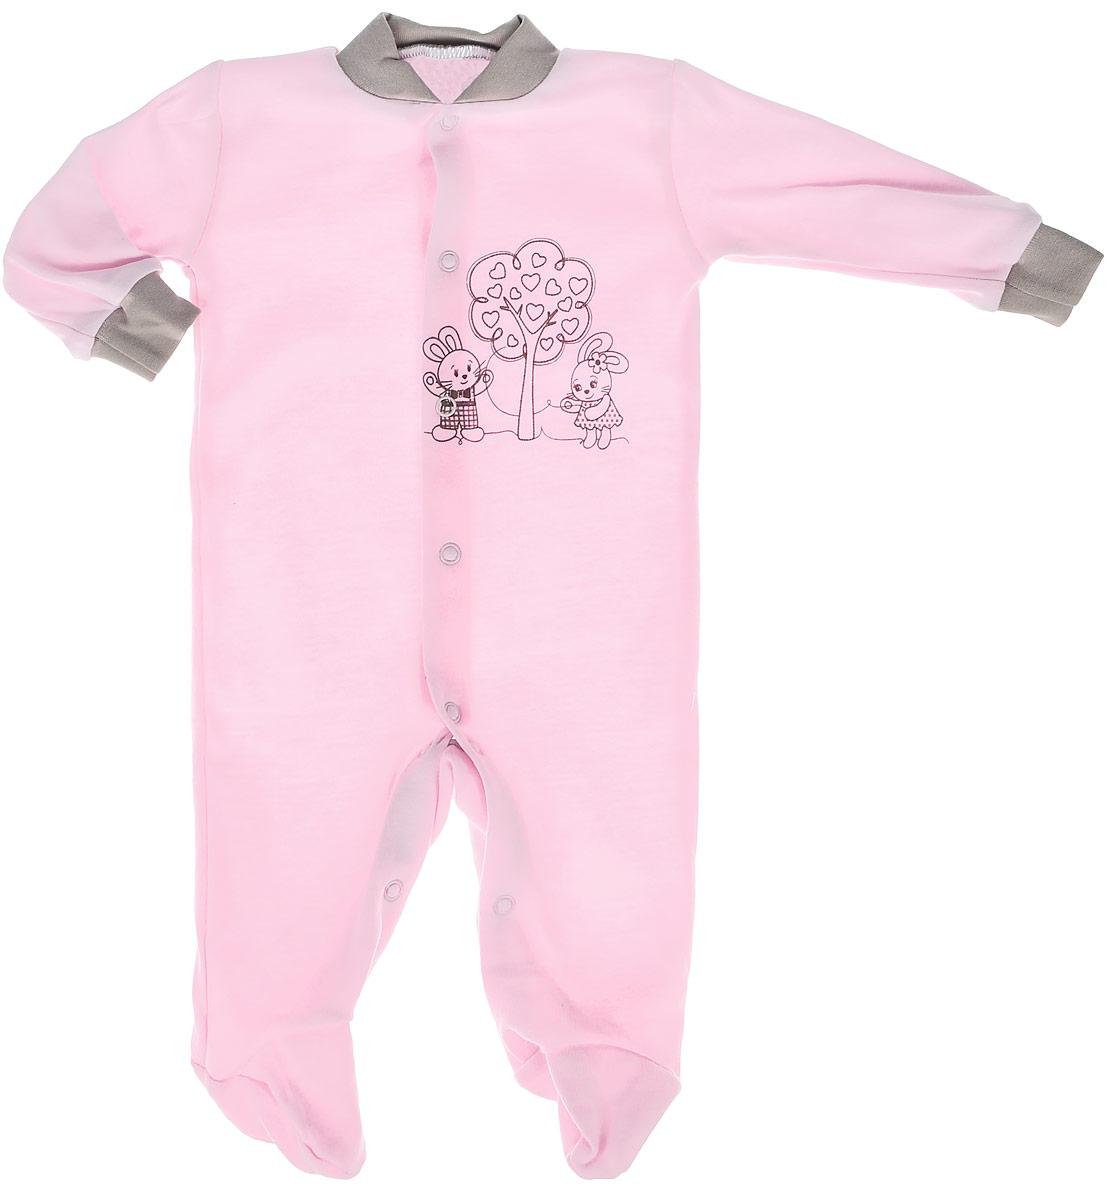 Комбинезон детский КотМарКот, цвет: розовый. 3689. Размер 86, 1 год3689Детский комбинезон КотМарКот полностью соответствует особенностям жизни младенца в раннийпериод, не стесняя и не ограничивая его в движениях. Выполненный из мягкого натурального хлопка, он очень приятный наощупь, не раздражает нежную и чувствительную кожу ребенка, позволяя ей дышать. Комбинезон с круглым вырезом горловины, длинными рукавами и закрытыми ножками имеет застежки-кнопкиспереди и на ластовице, которые помогают легко переодеть младенца или сменить подгузник. Низ рукавовдополнен мягкими широкими манжетами, бережно обхватывающими запястья малыша. Спереди модель украшенапринтом с изображением очаровательных зайчат под деревом. Такой комбинезон полностью соответствуют особенностям жизни малыша в ранний период, не стесняя и не ограничивая его в движениях, и прекрасно подойдет для активных игр и сна.